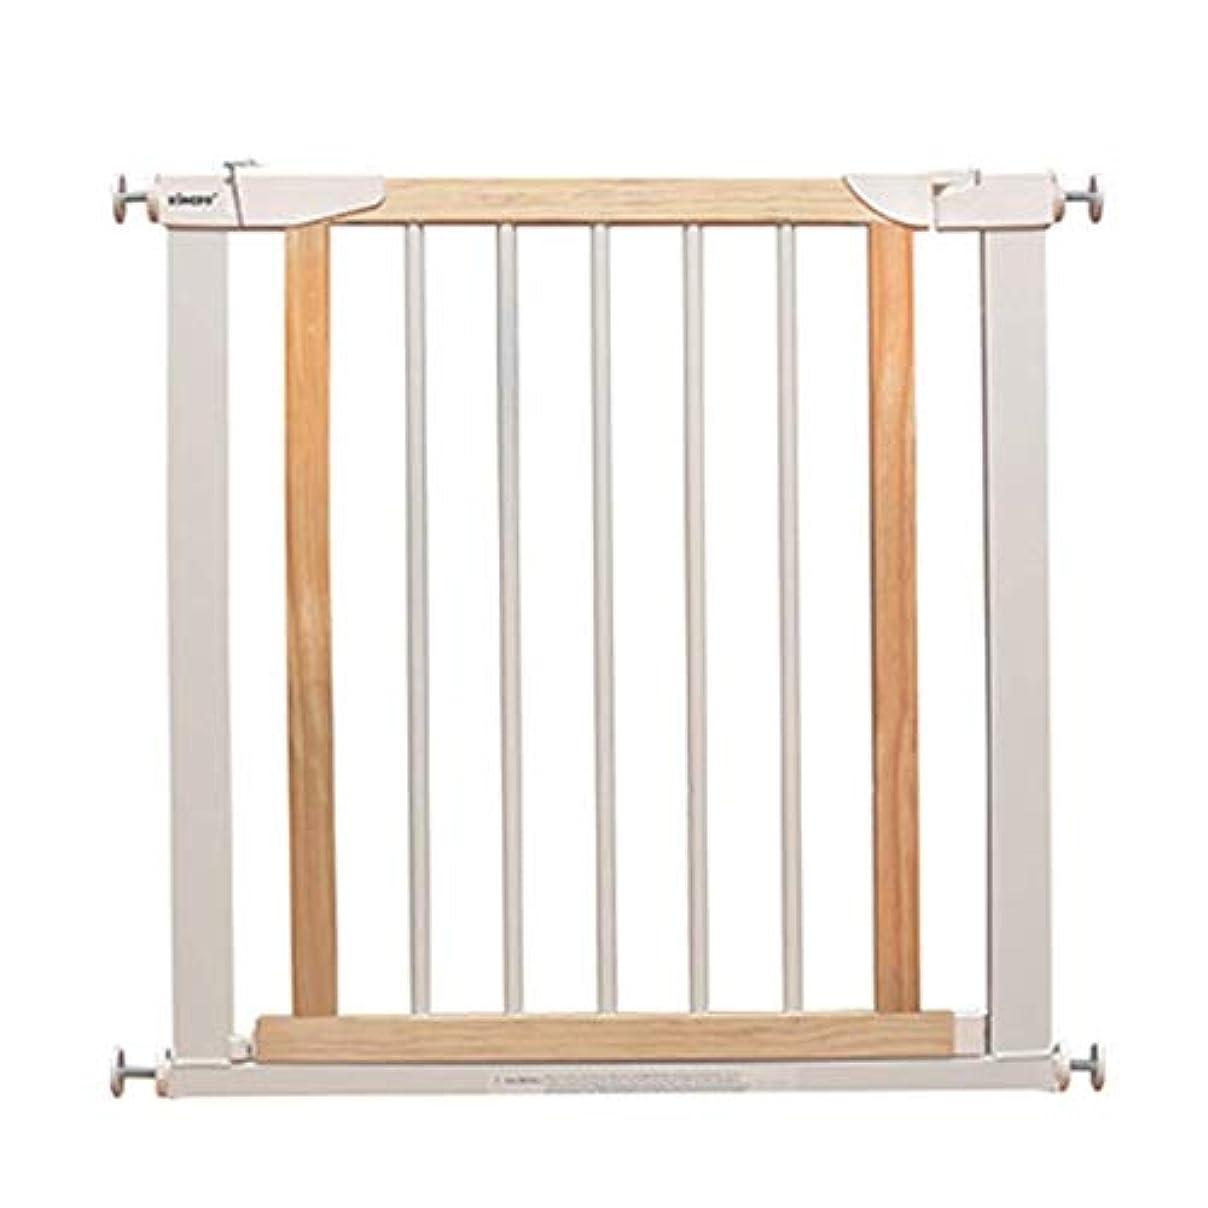 予想する強い寝てるベビーフェンス 赤ちゃん延長安全のための白い木製の安全ゲート第一圧力フィット引き込み式ペットドア階段ゲート ペットゲート (Size : 96-103cm)